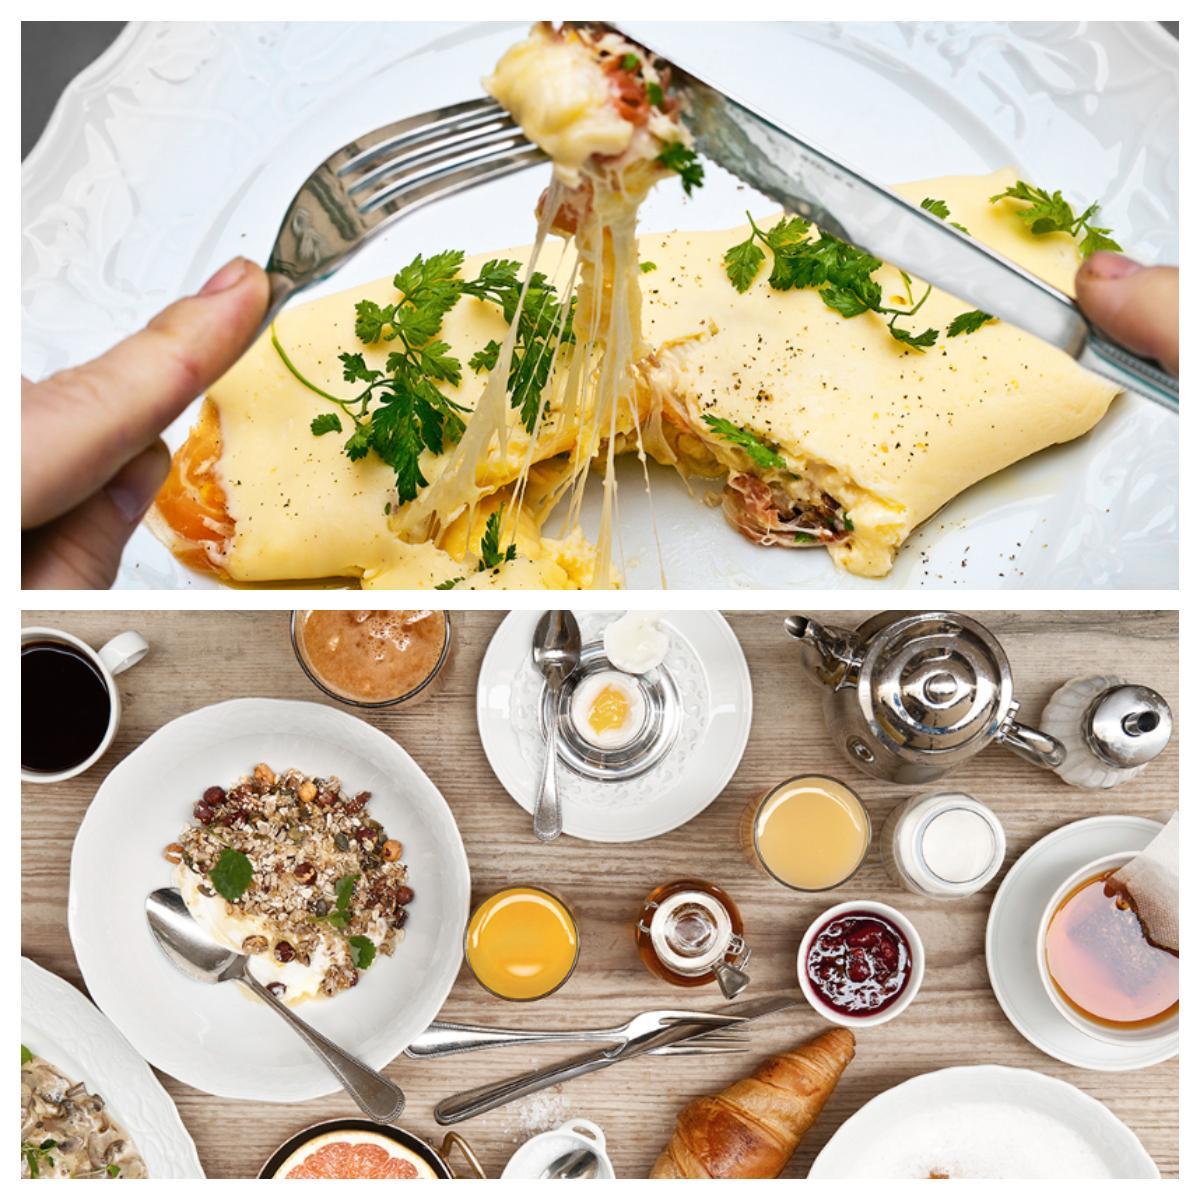 Frukostmenyn på Nybrogatan 38 är fylld av blandade rätter. Omeletten går att beställa från morgon till kväll